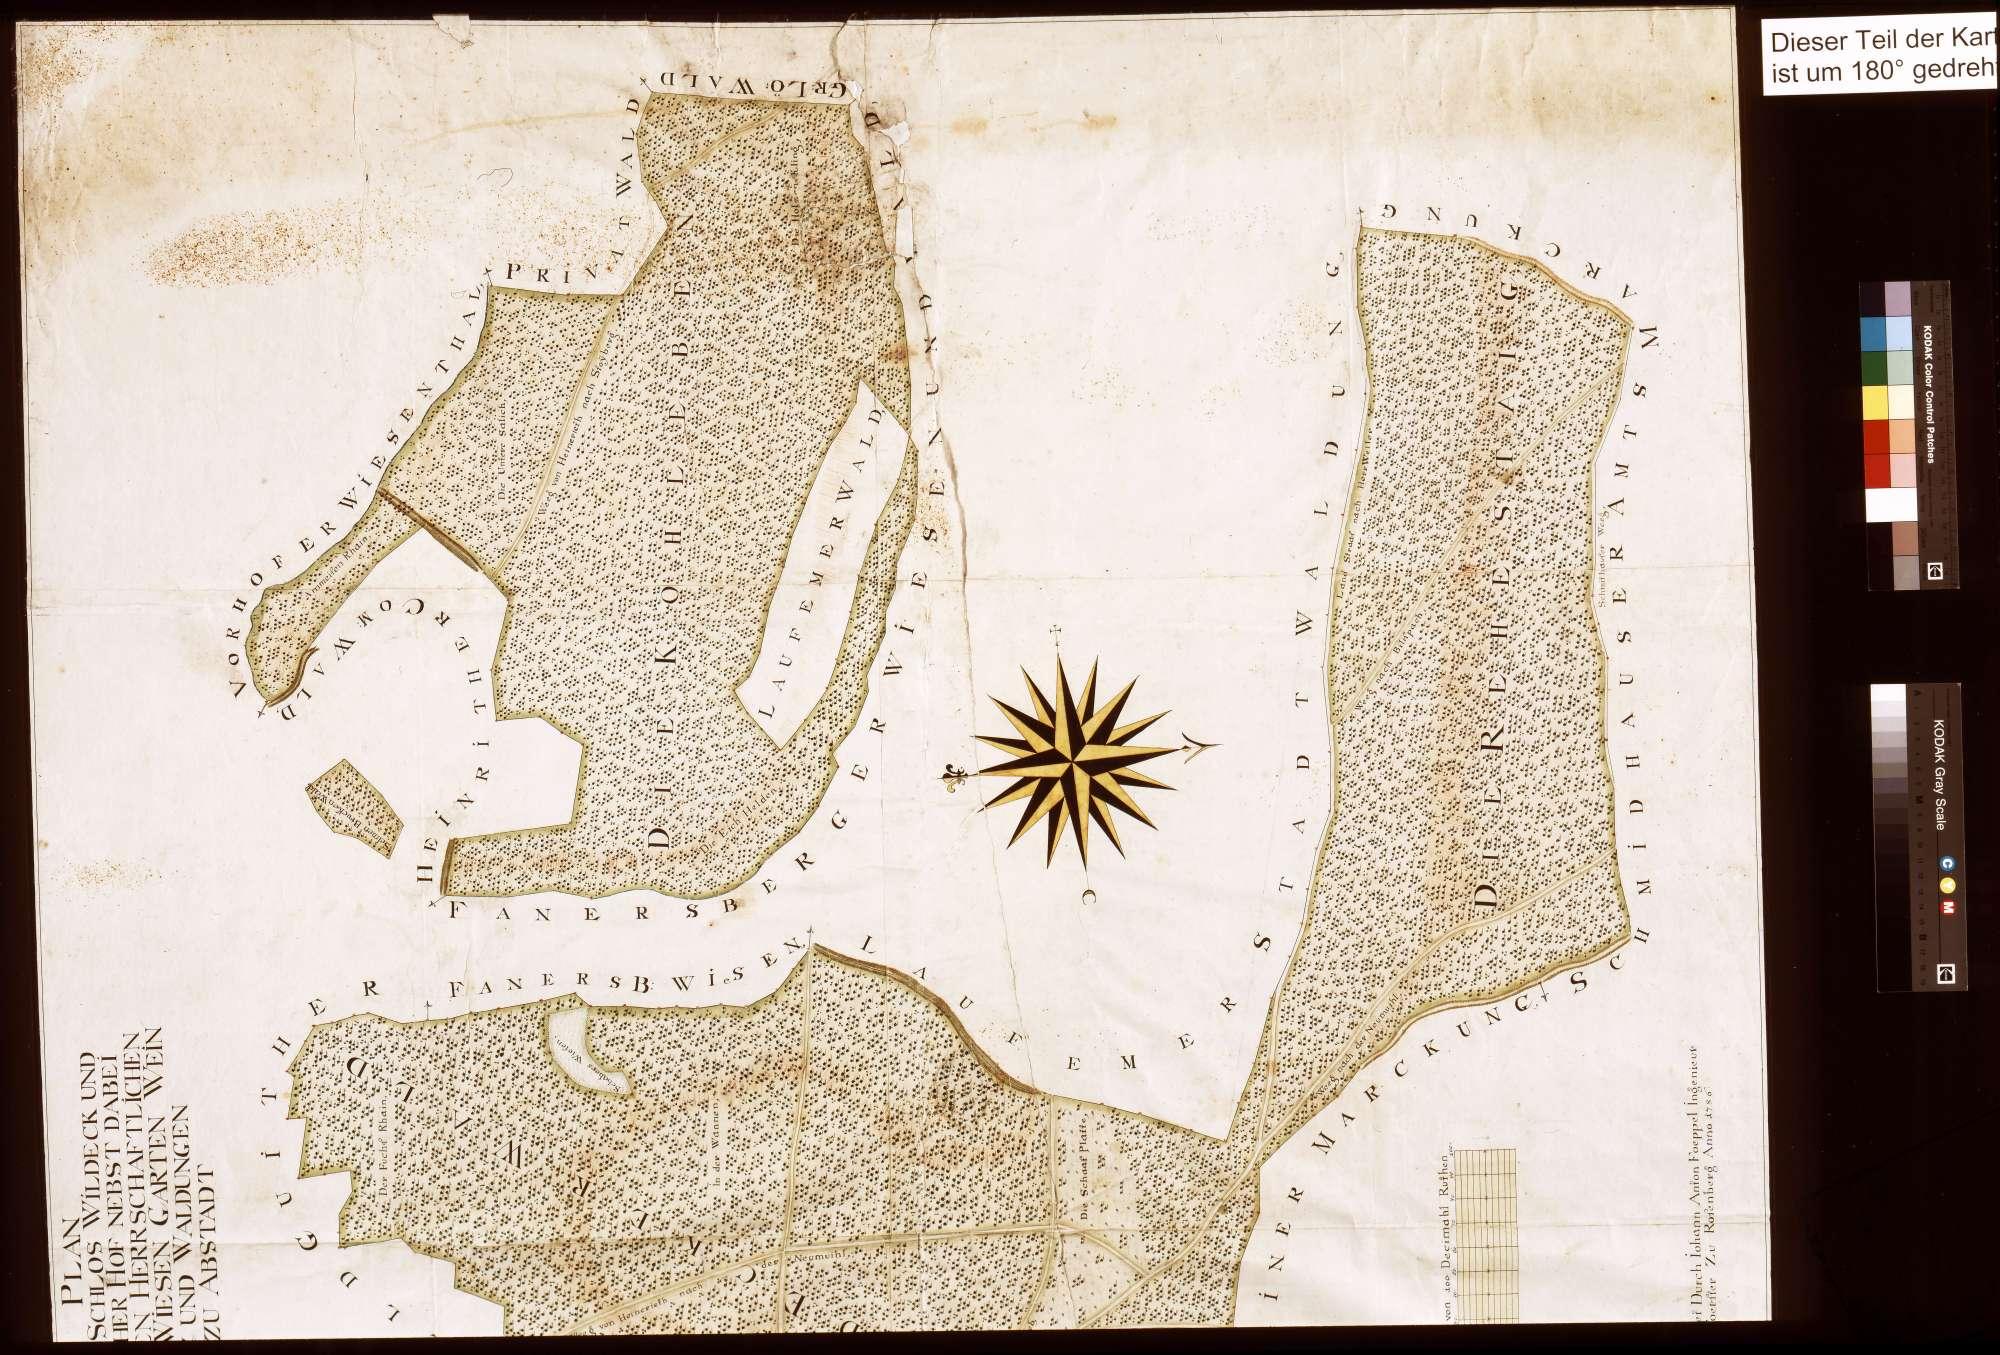 Schloss Wildeck und Vohenloher Hof nebst dabei liegenden herrschaftlichen Äckern, Wiesen, Gärten, Weinberg und Waldungen zu Abstatt (Inselkarte), Bild 2